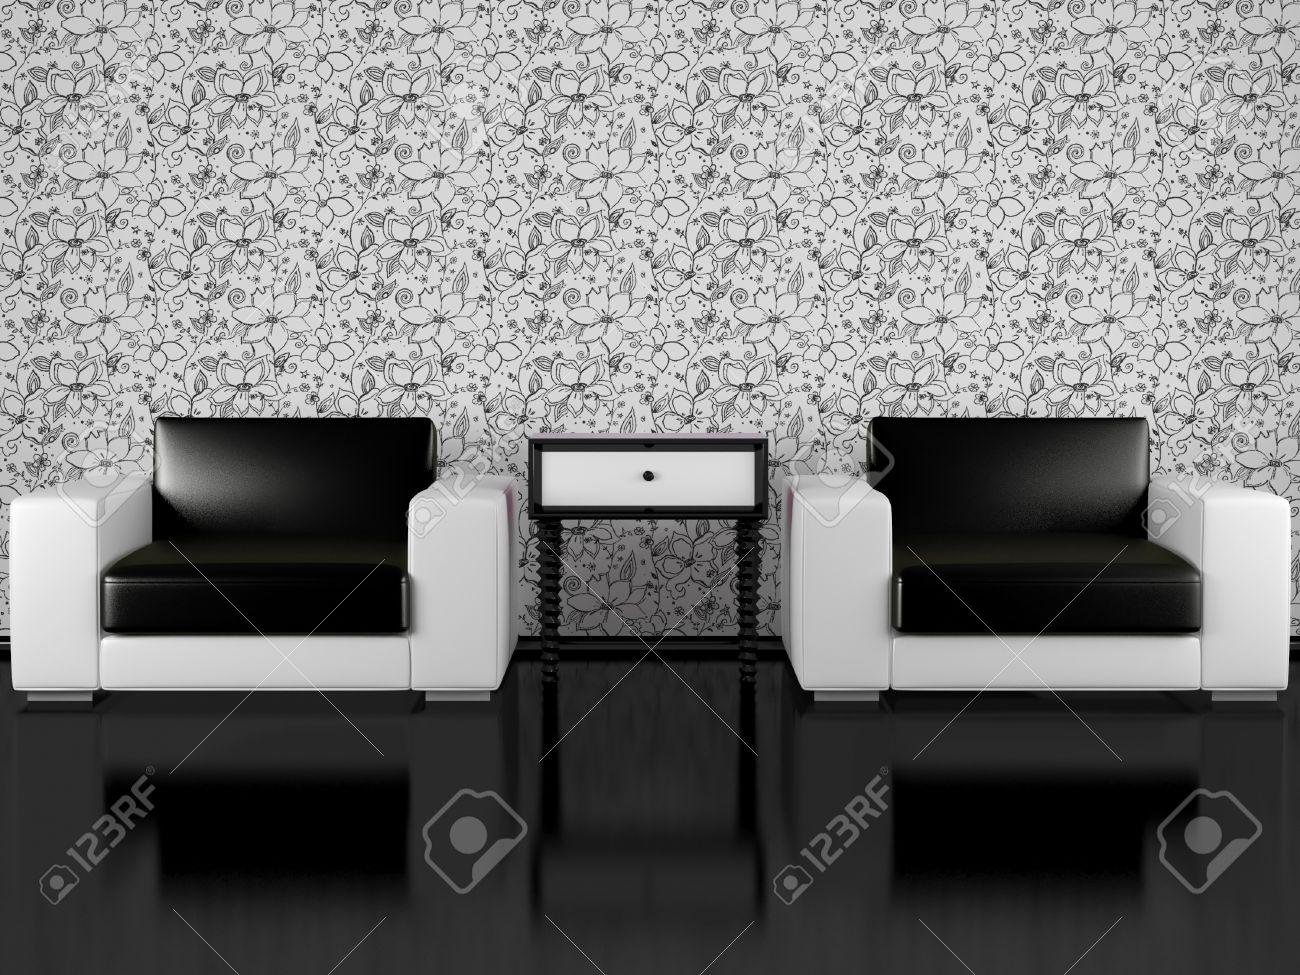 Modernes Interieur Aus Wohnzimmer, Moderne Sessel Mit Nachttisch In Schwarz  Und Weiß Wohnzimmer Mit Floralen